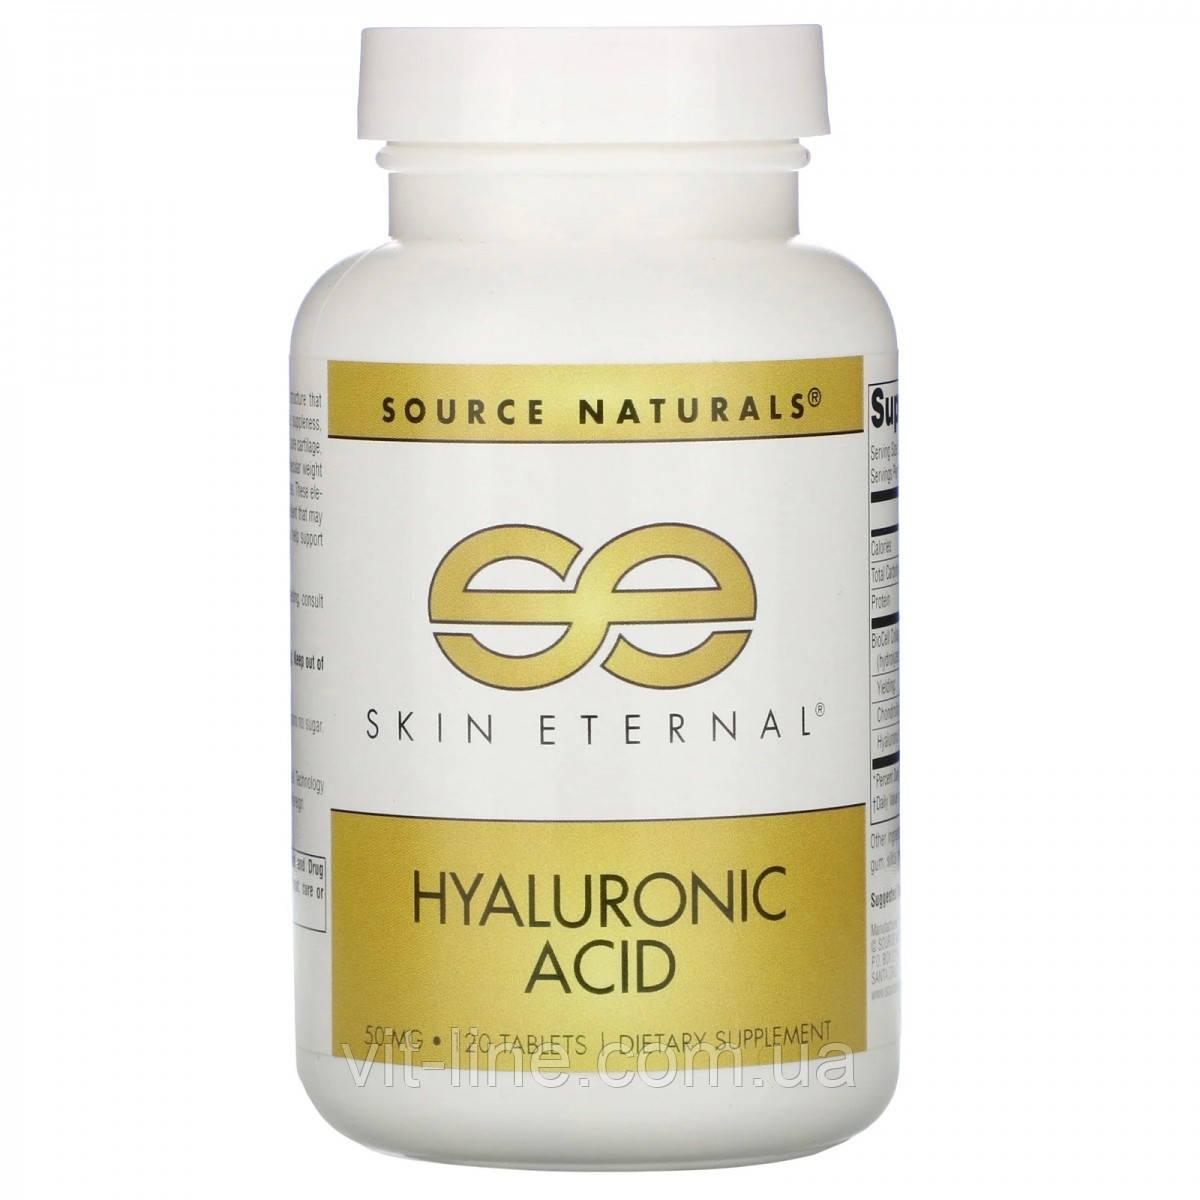 Гиалуроновя кислота 50 мг 120 таблеток Source Naturals